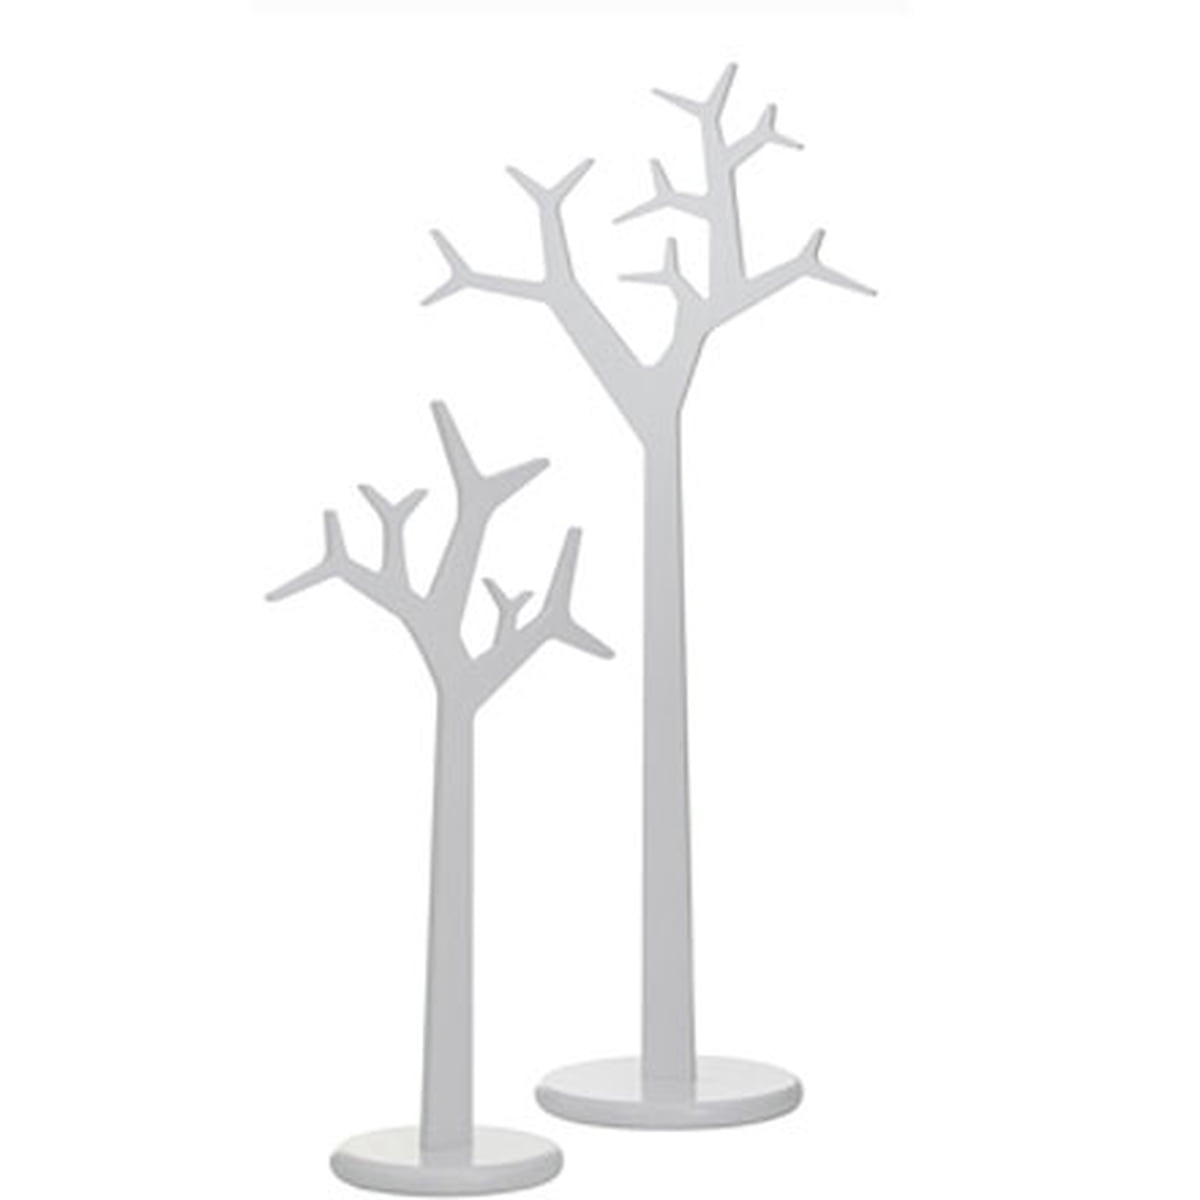 tree kleiderst nder swedese. Black Bedroom Furniture Sets. Home Design Ideas